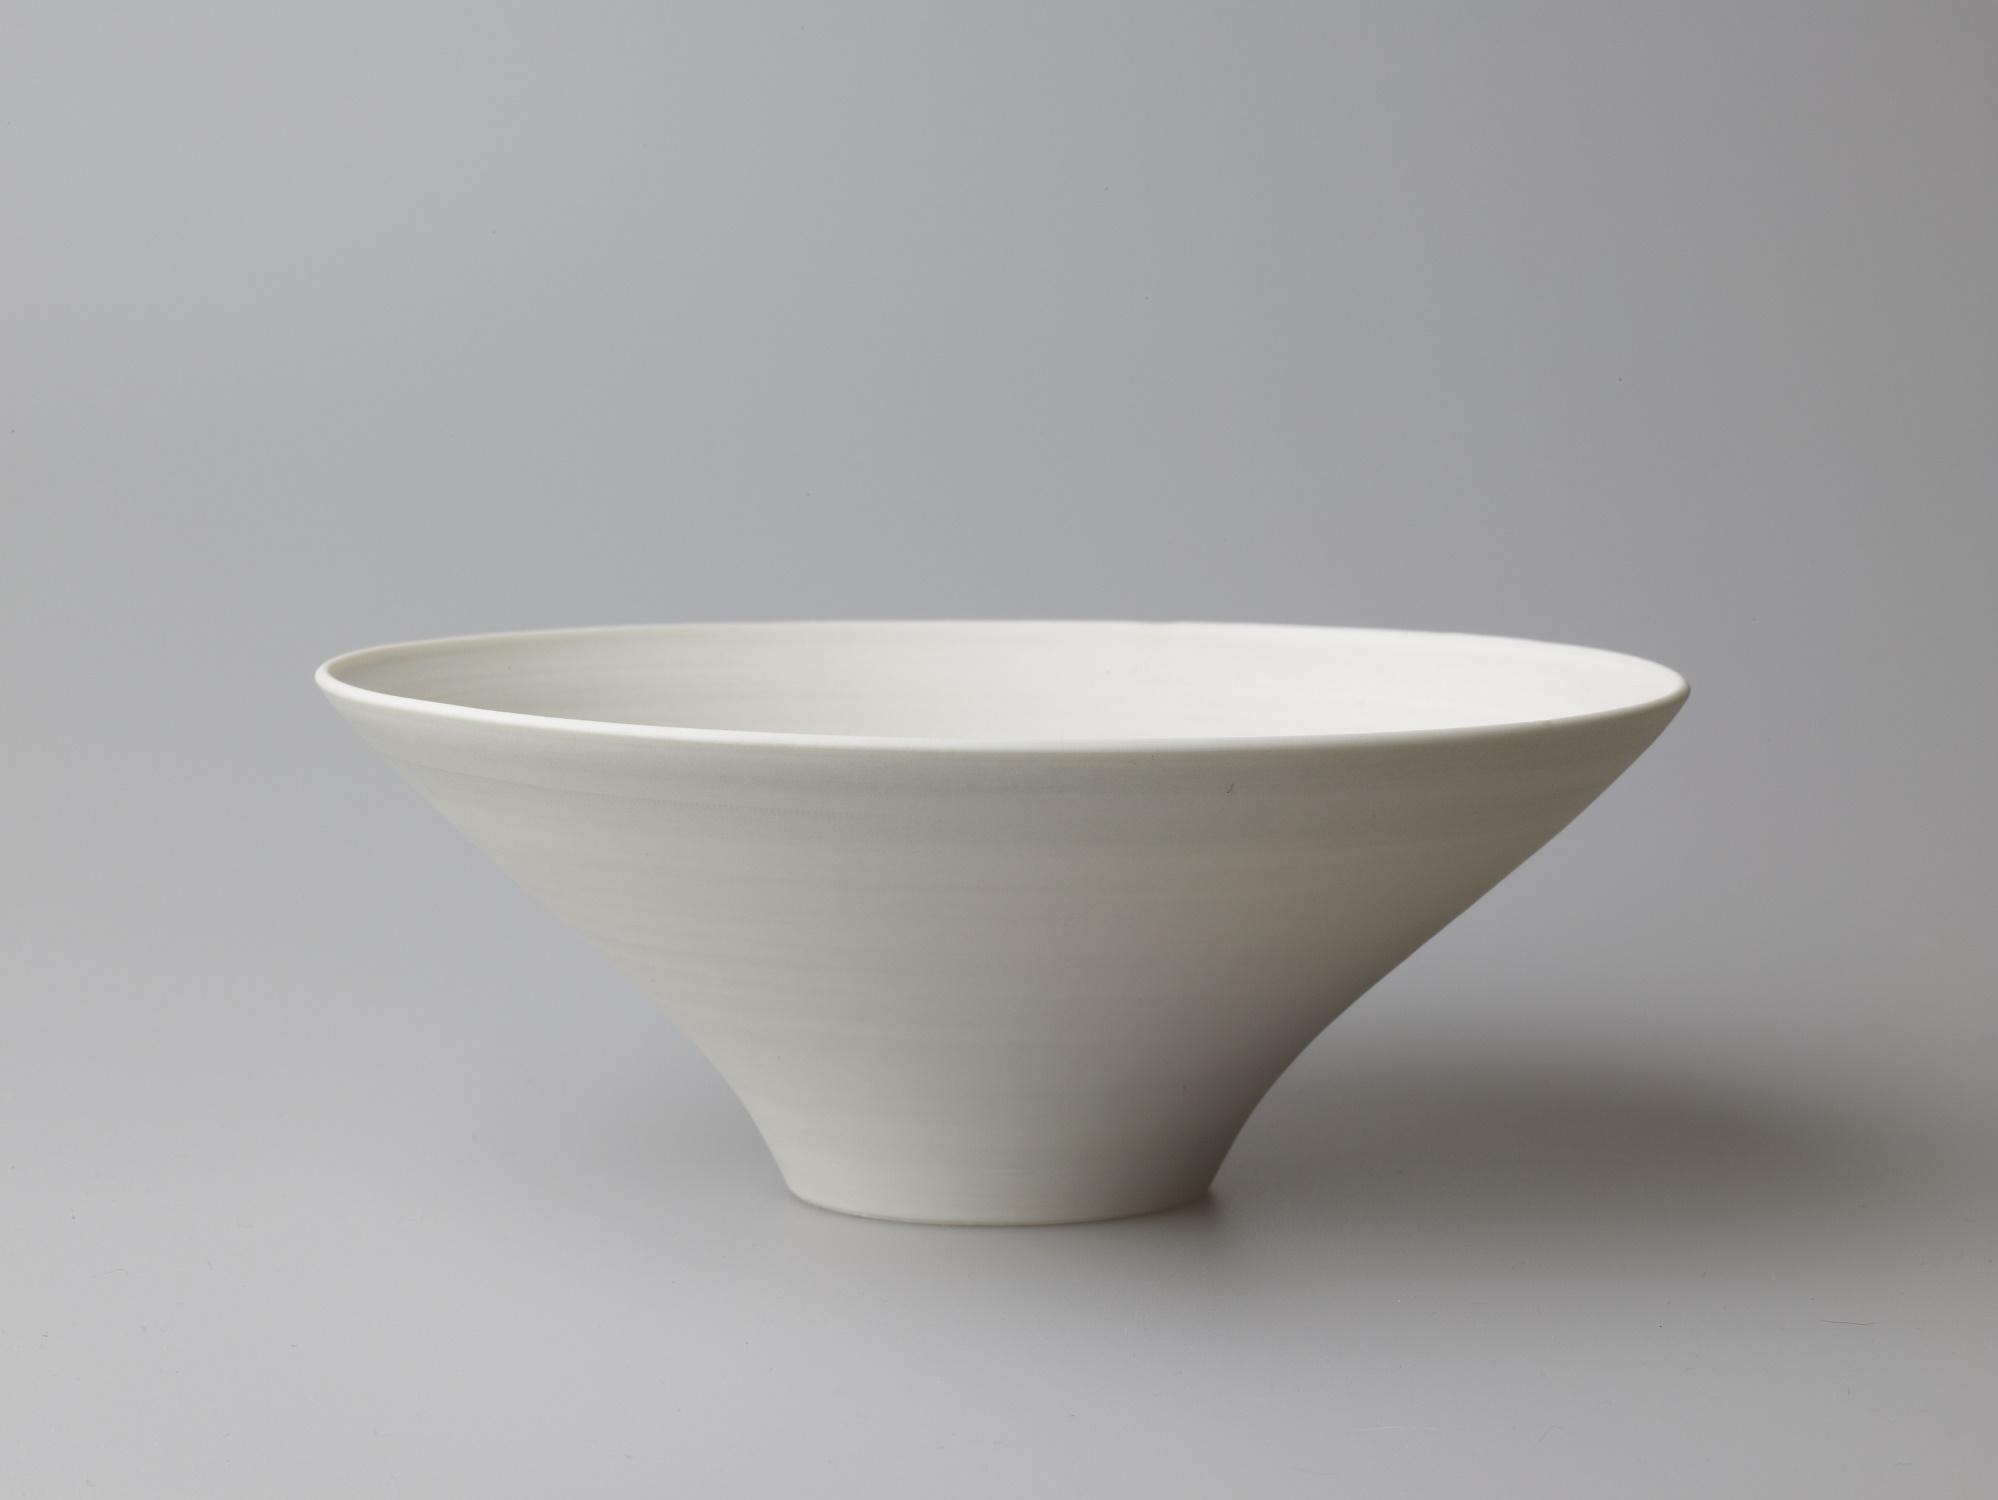 Medium Grey Wide Bowl  18.5 x 7 cm  £80